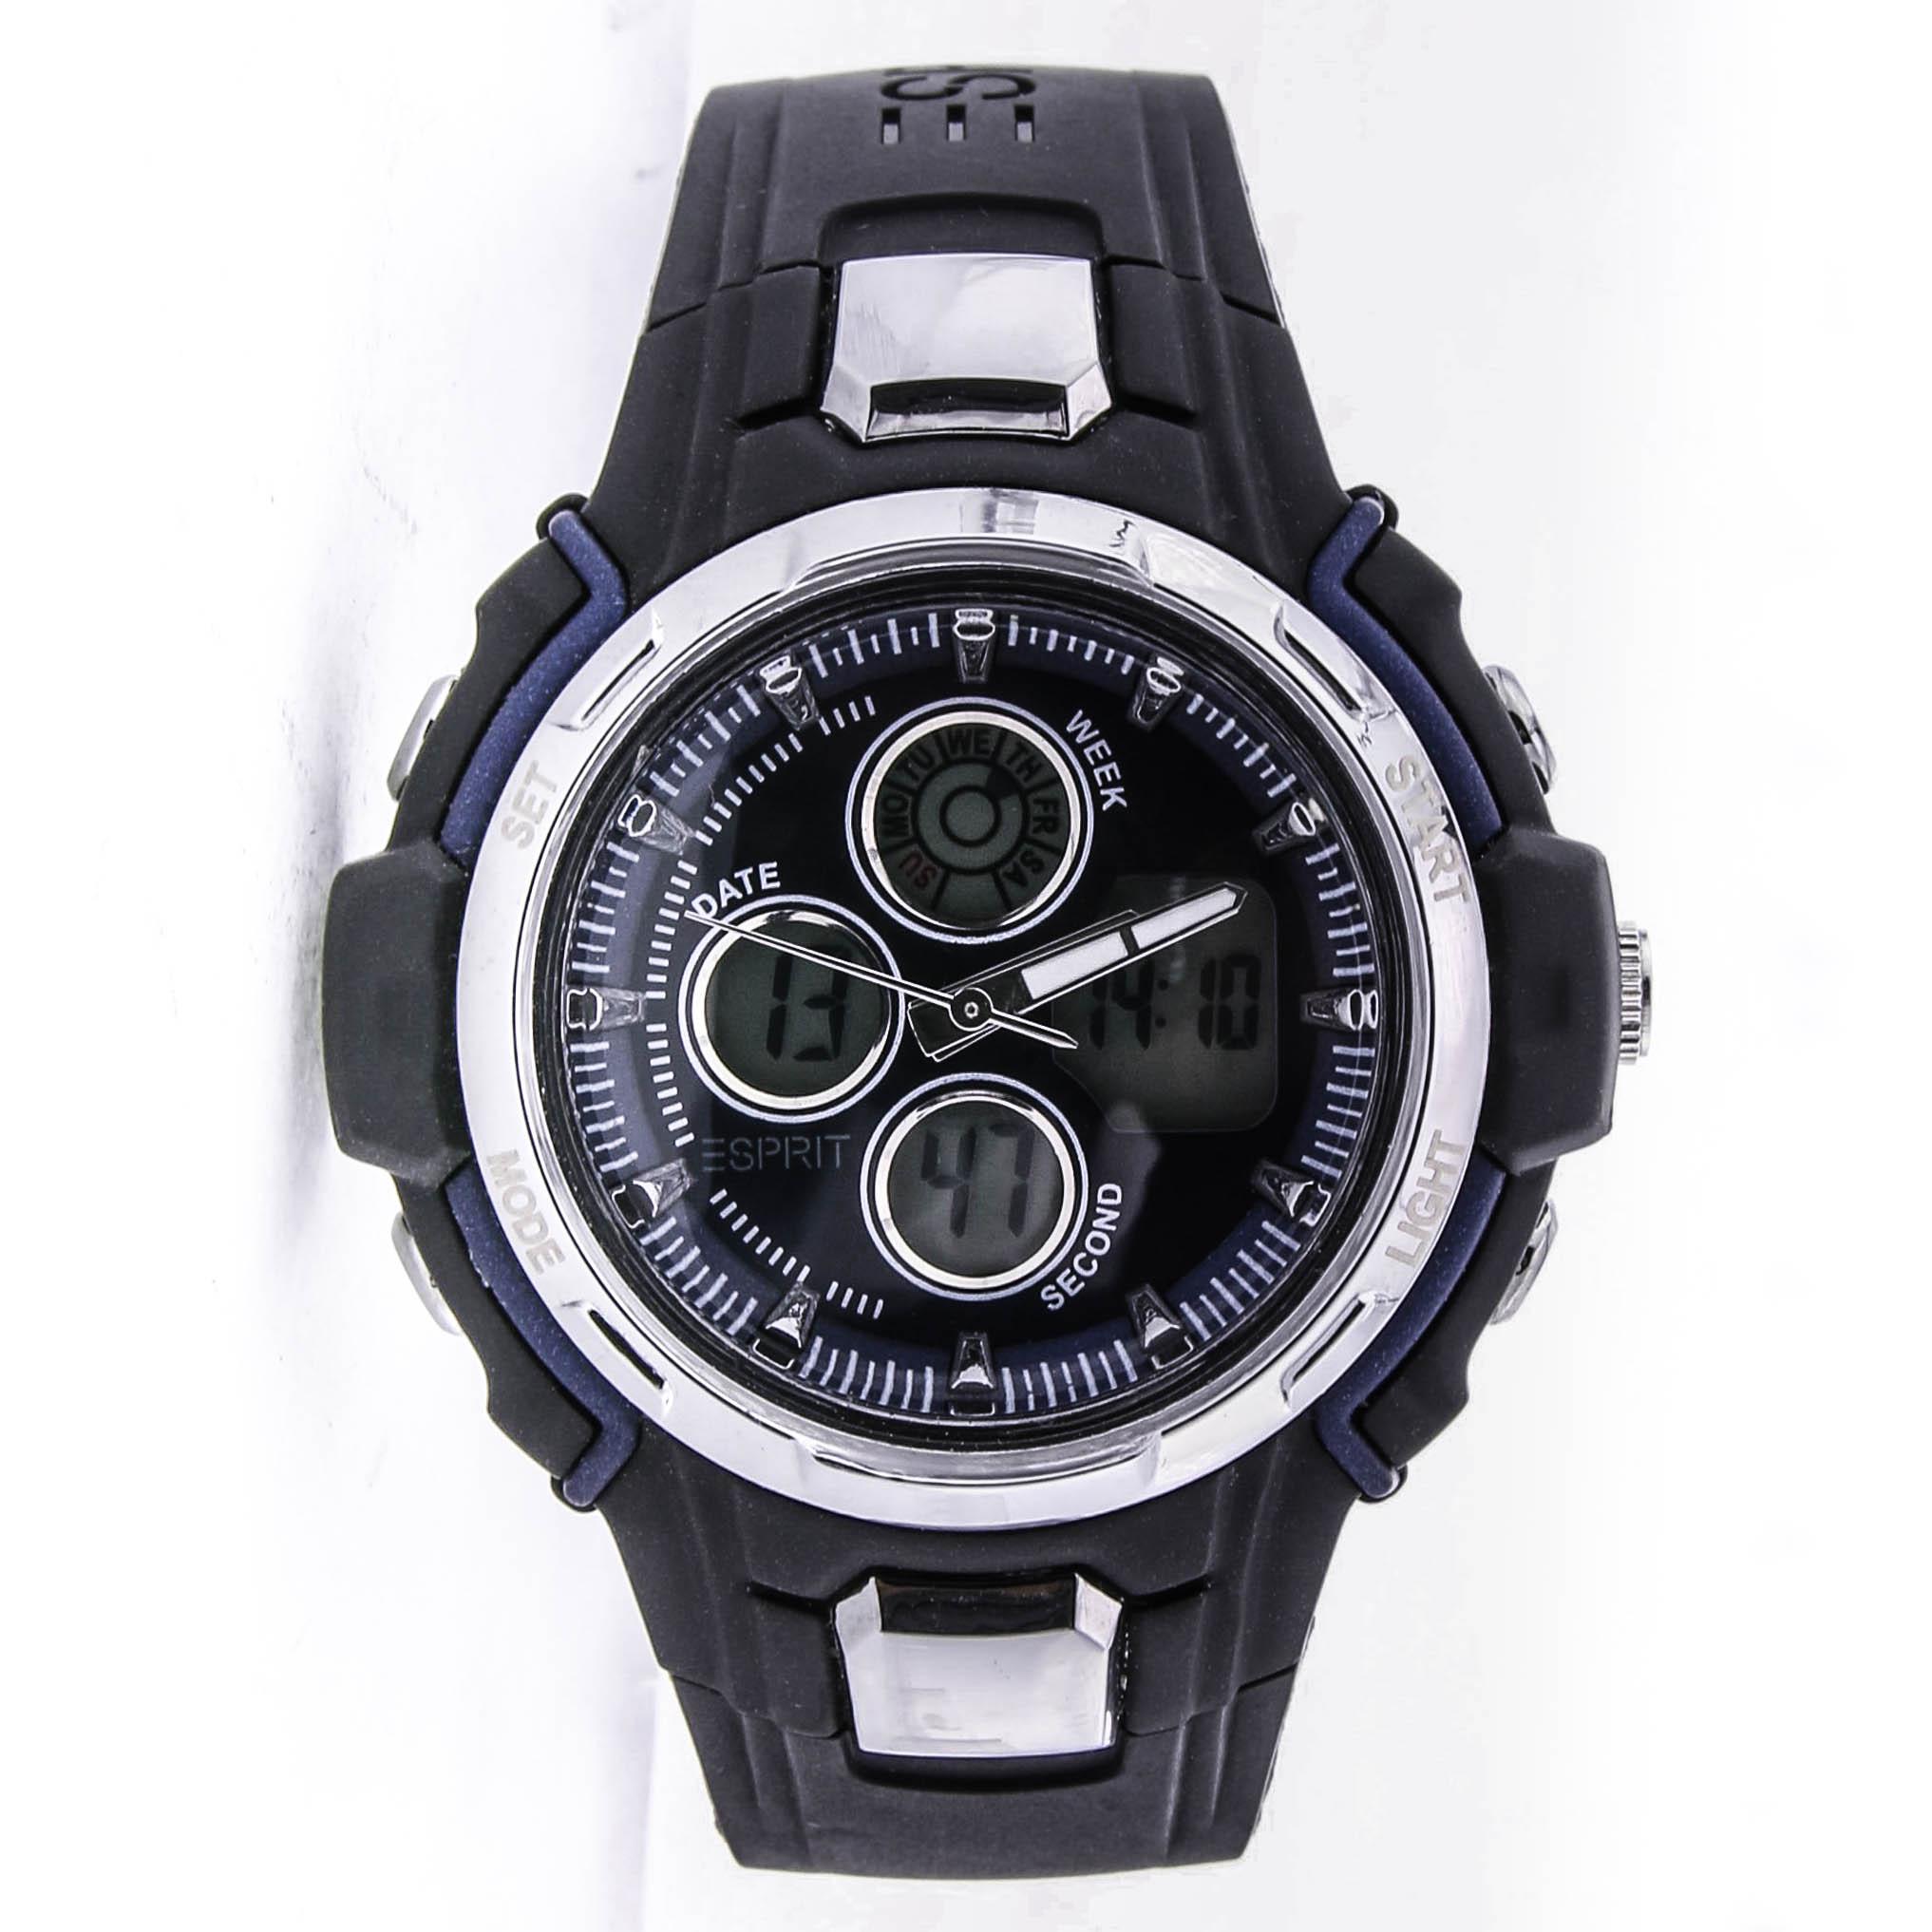 Zegarek ESPRIT ES900714001 datownik stoper jojo